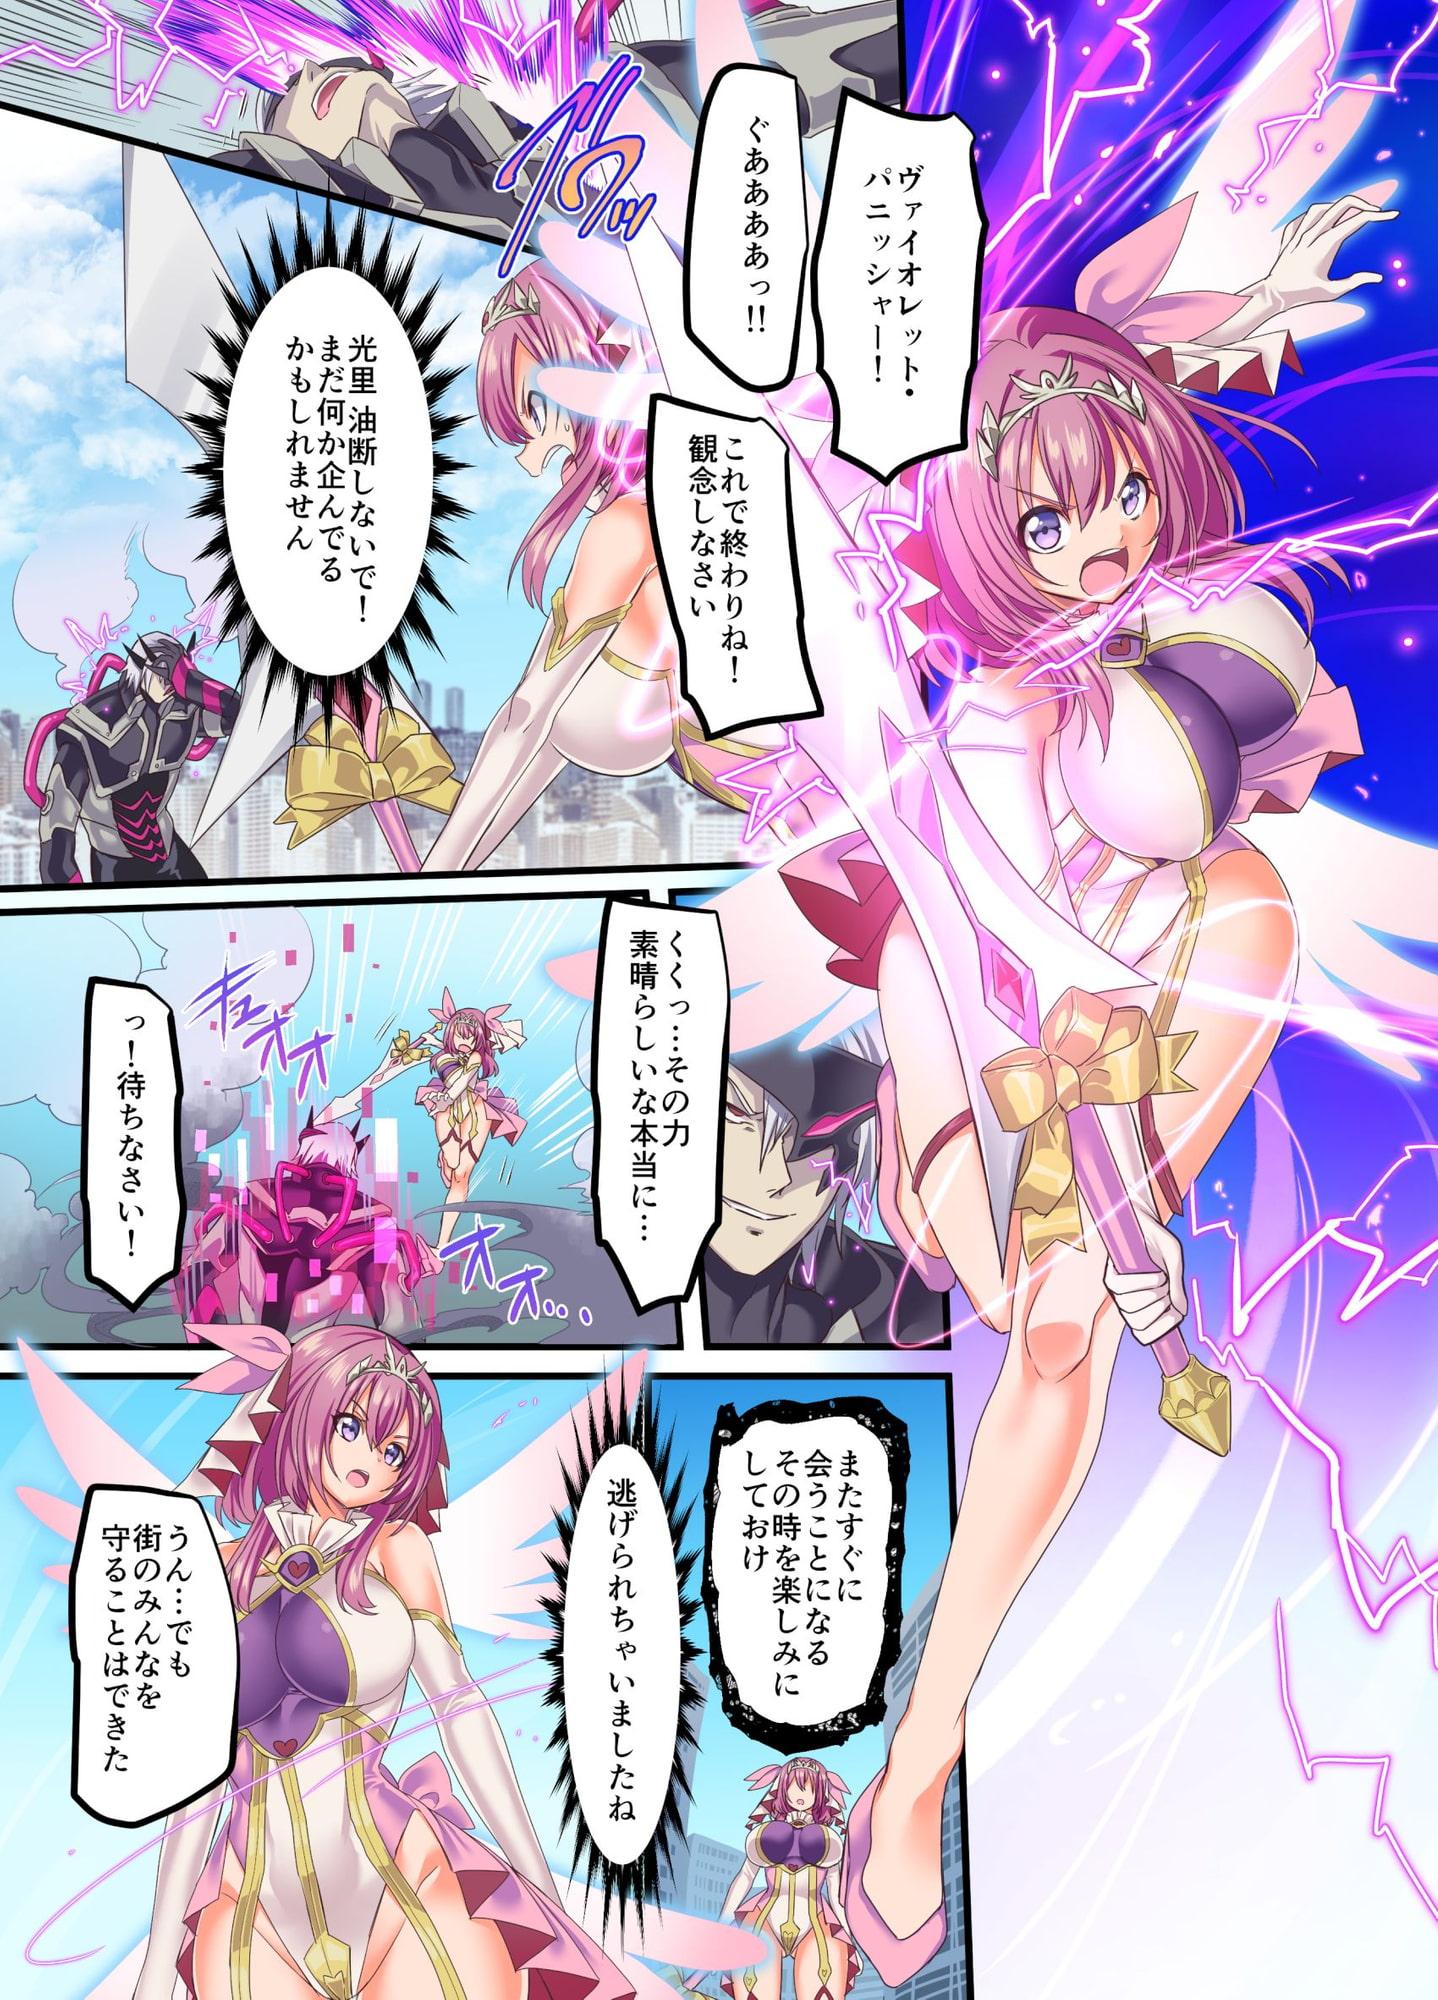 閃光纏姫フェリシア~狙われた憑依変身ヒロインの肉体~のサンプル画像